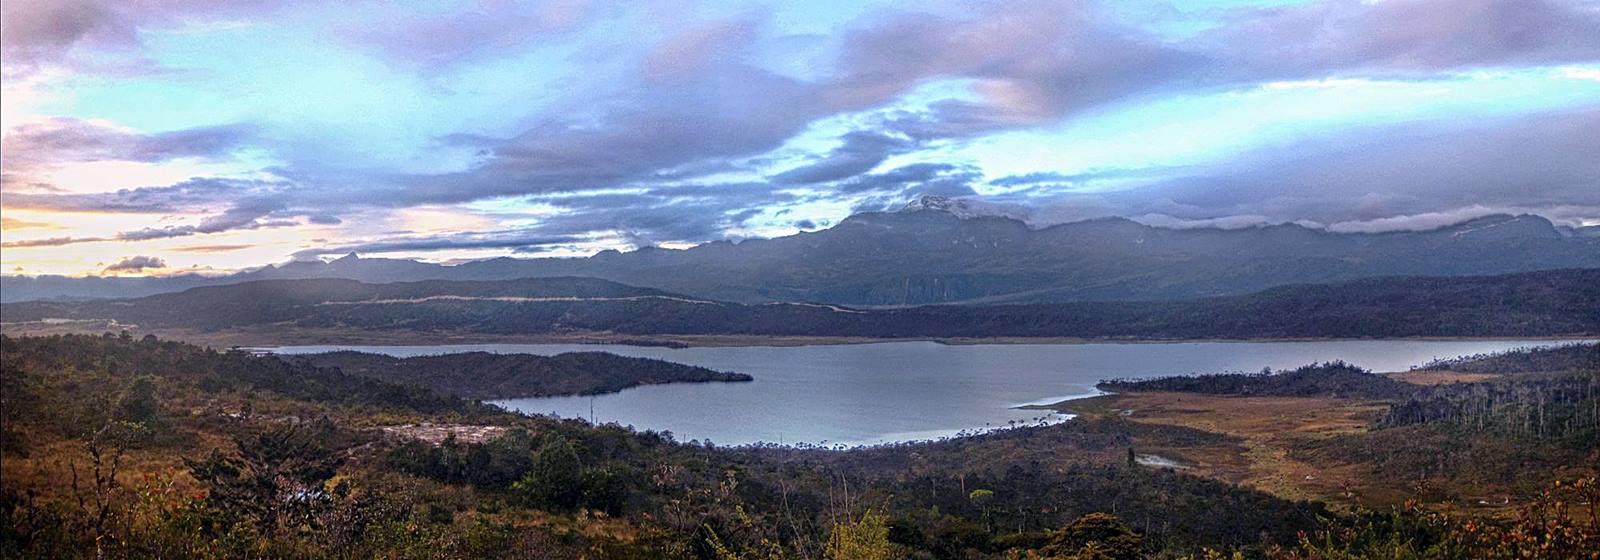 danau-habema-papua-dalam-film-denias-senandung-di-atas-awan